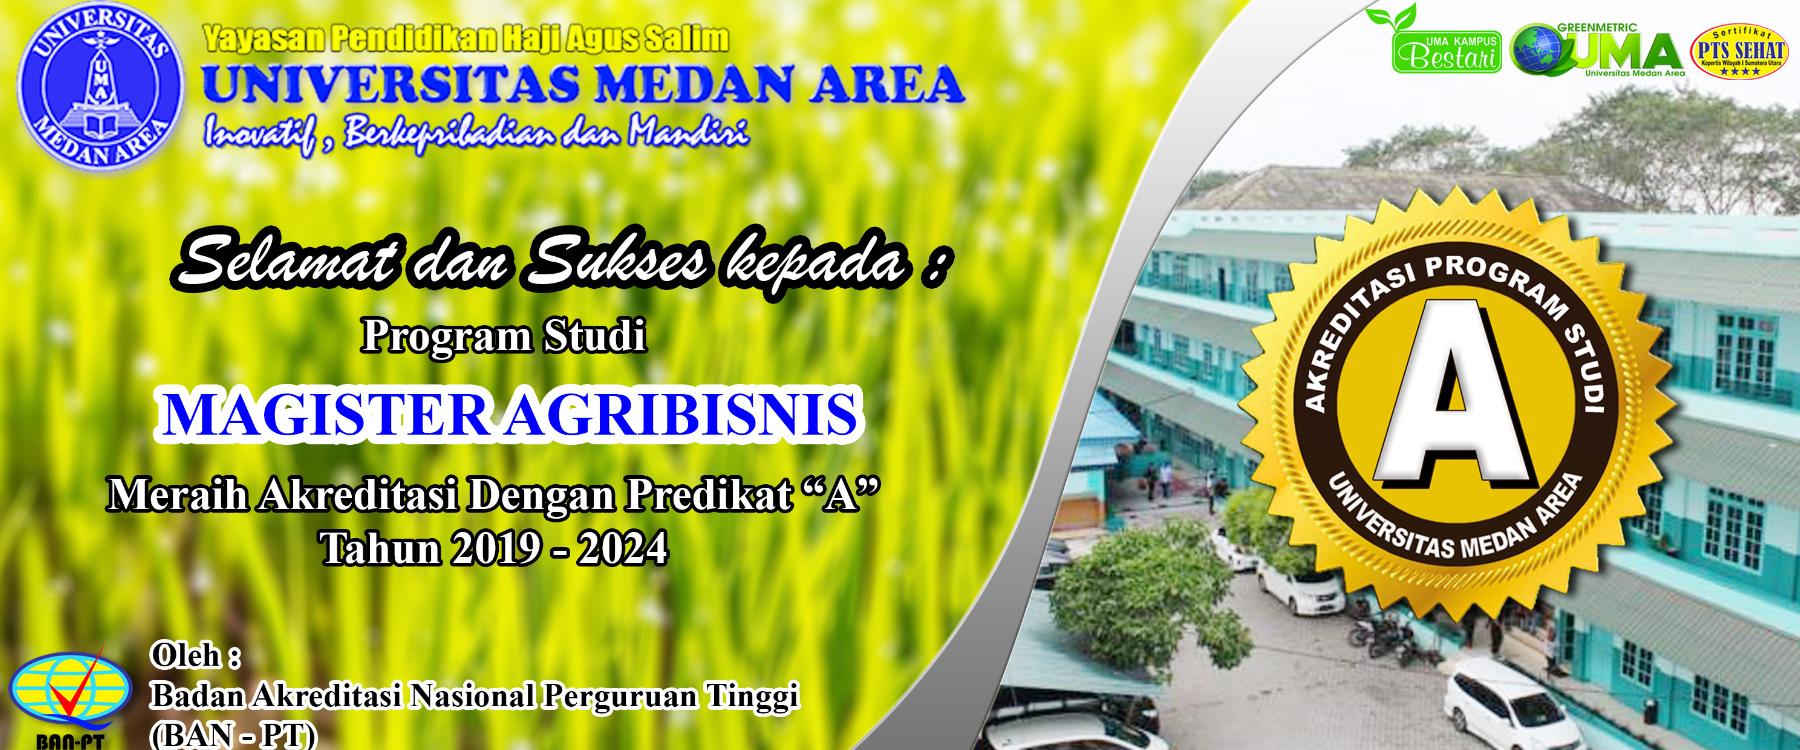 Program Studi Magister Agribisnis Universitas Medan Area Meraih Akreditasi A